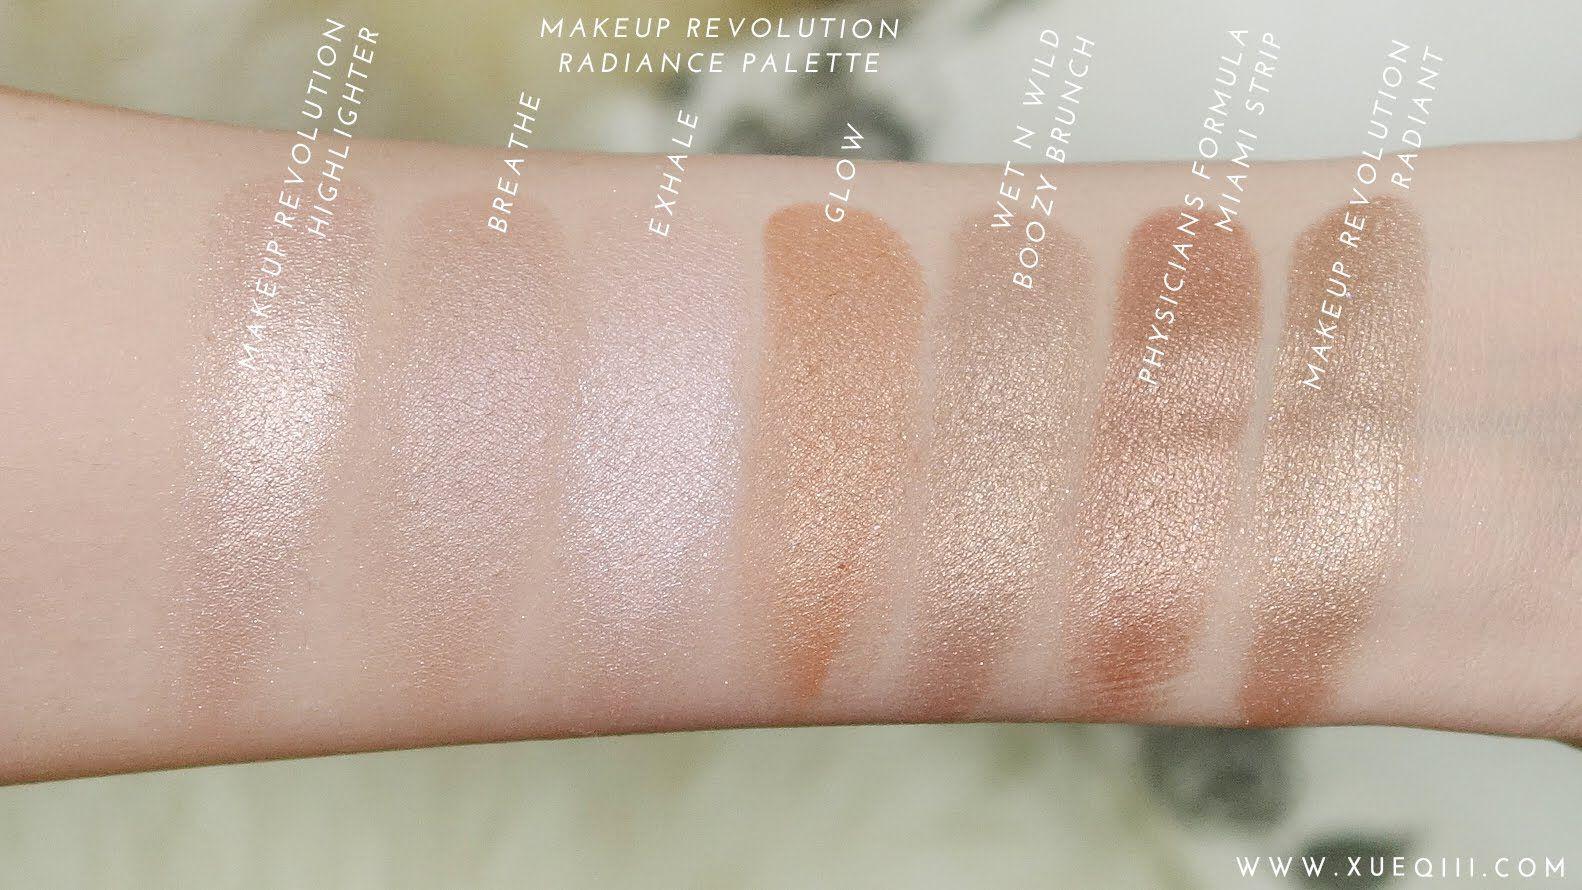 Drugstore / Affordable Highlighters Makeup Revolution